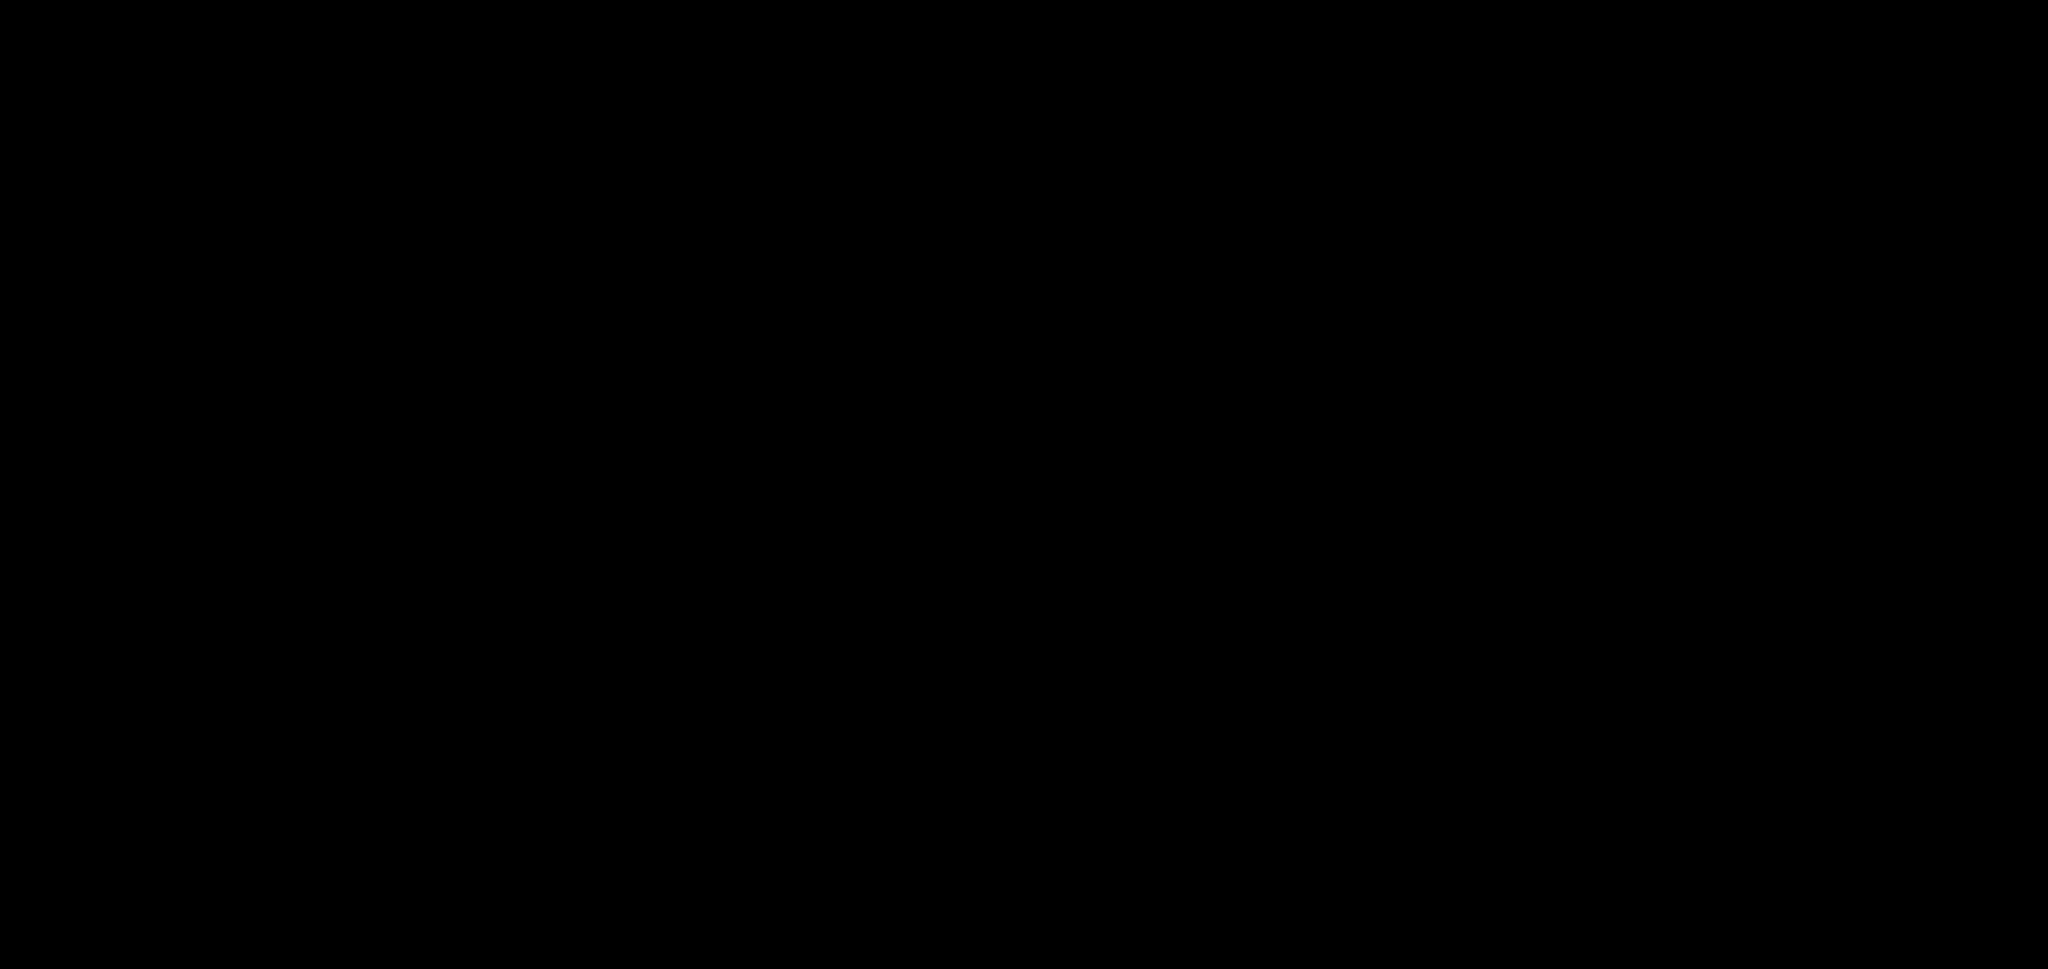 CWD, 25 May 2019